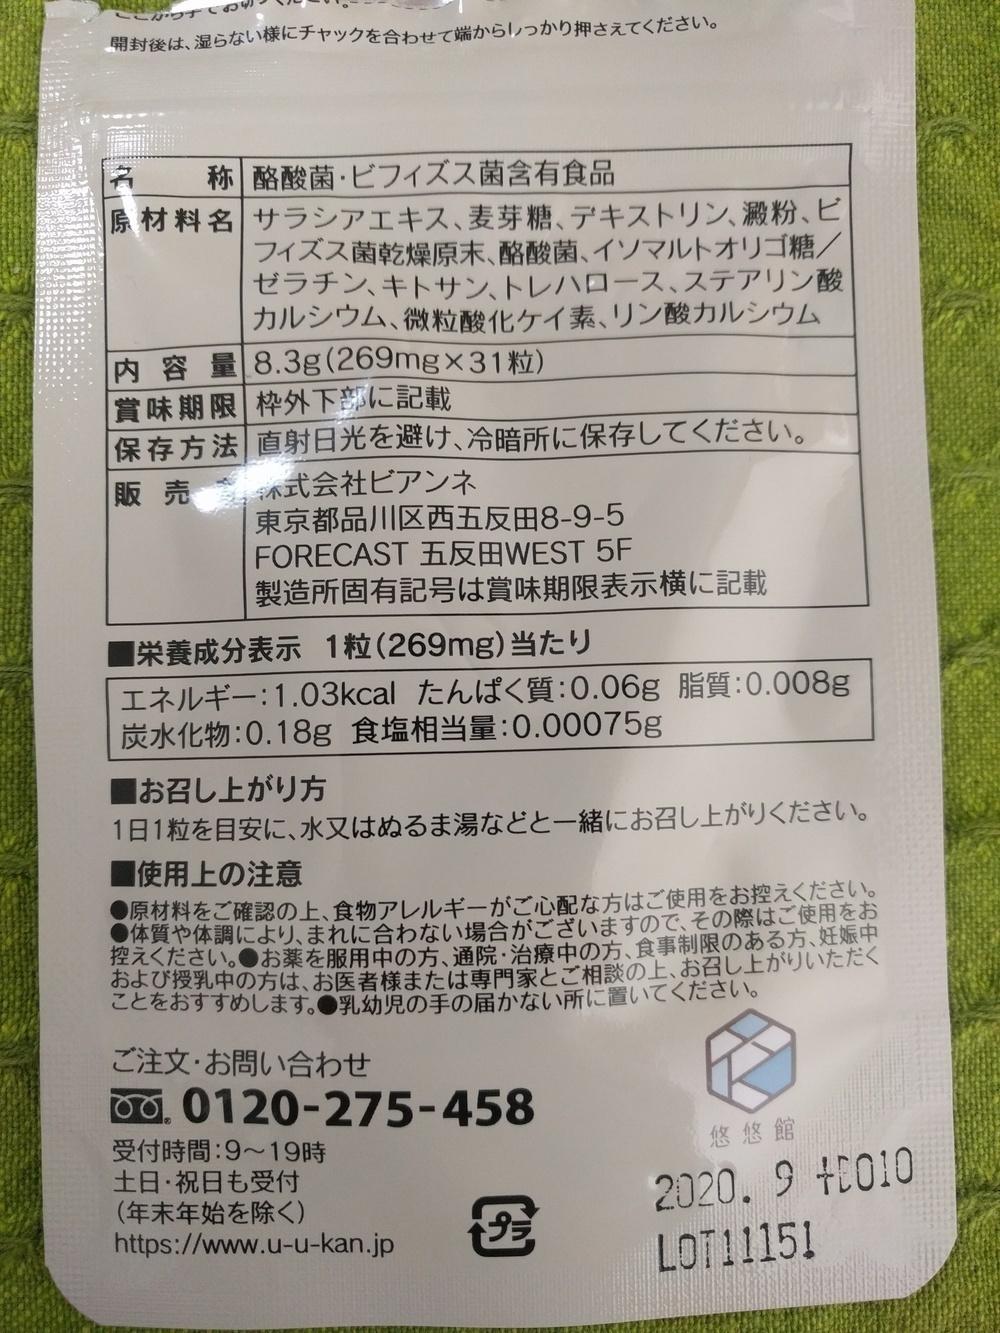 B8638a1b86d329cb